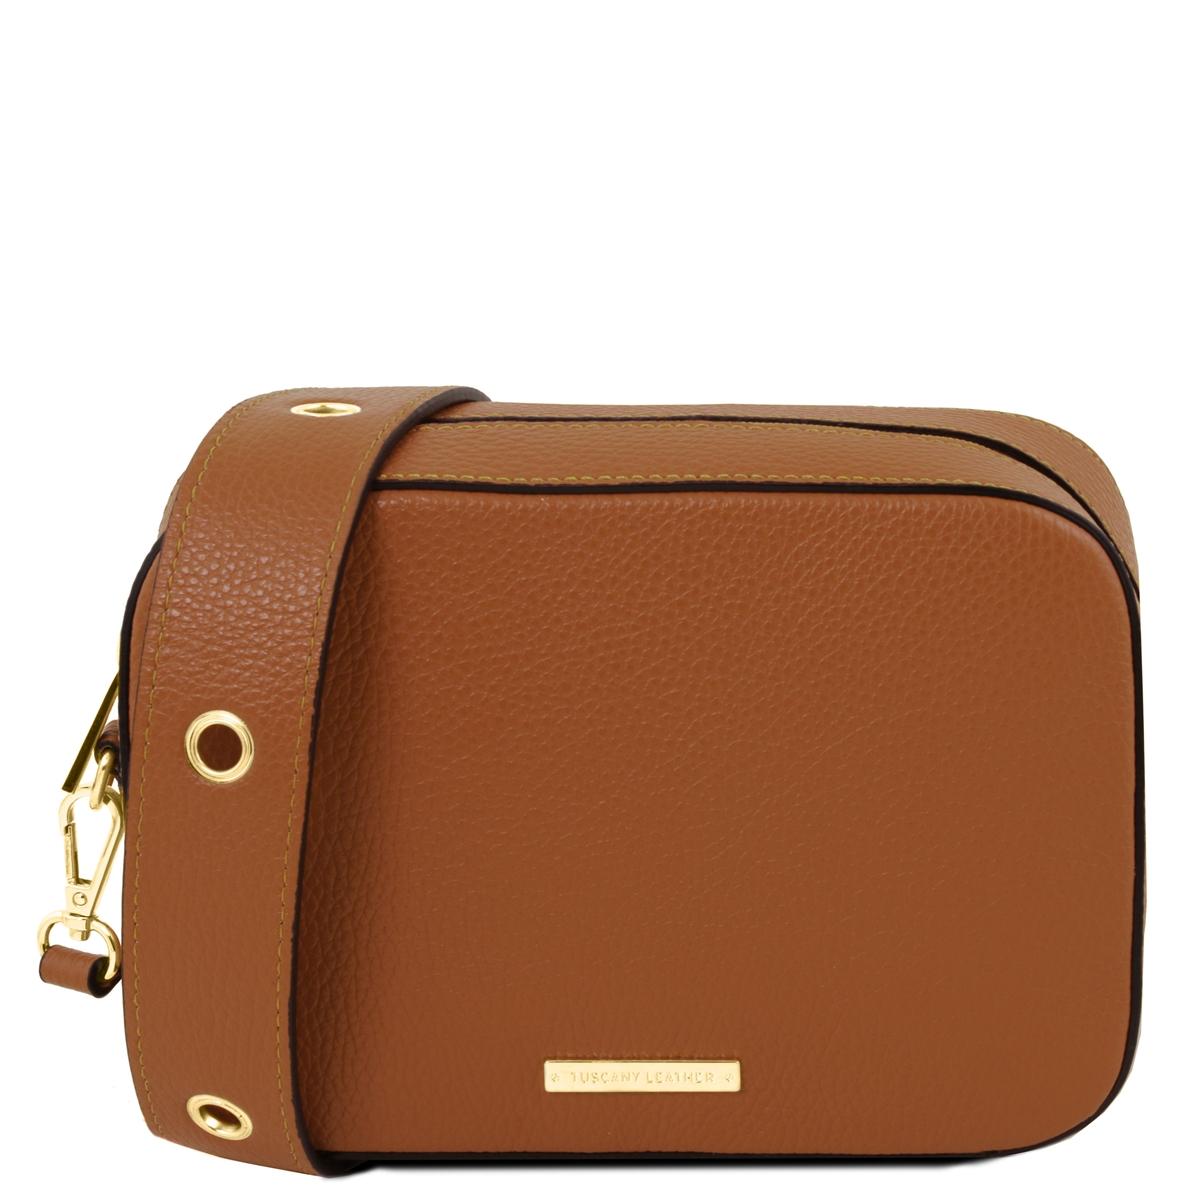 af23f5d5b9 TL1733 Hammered Leather Shoulder Bag - Taupe by Tuscany Leather ...